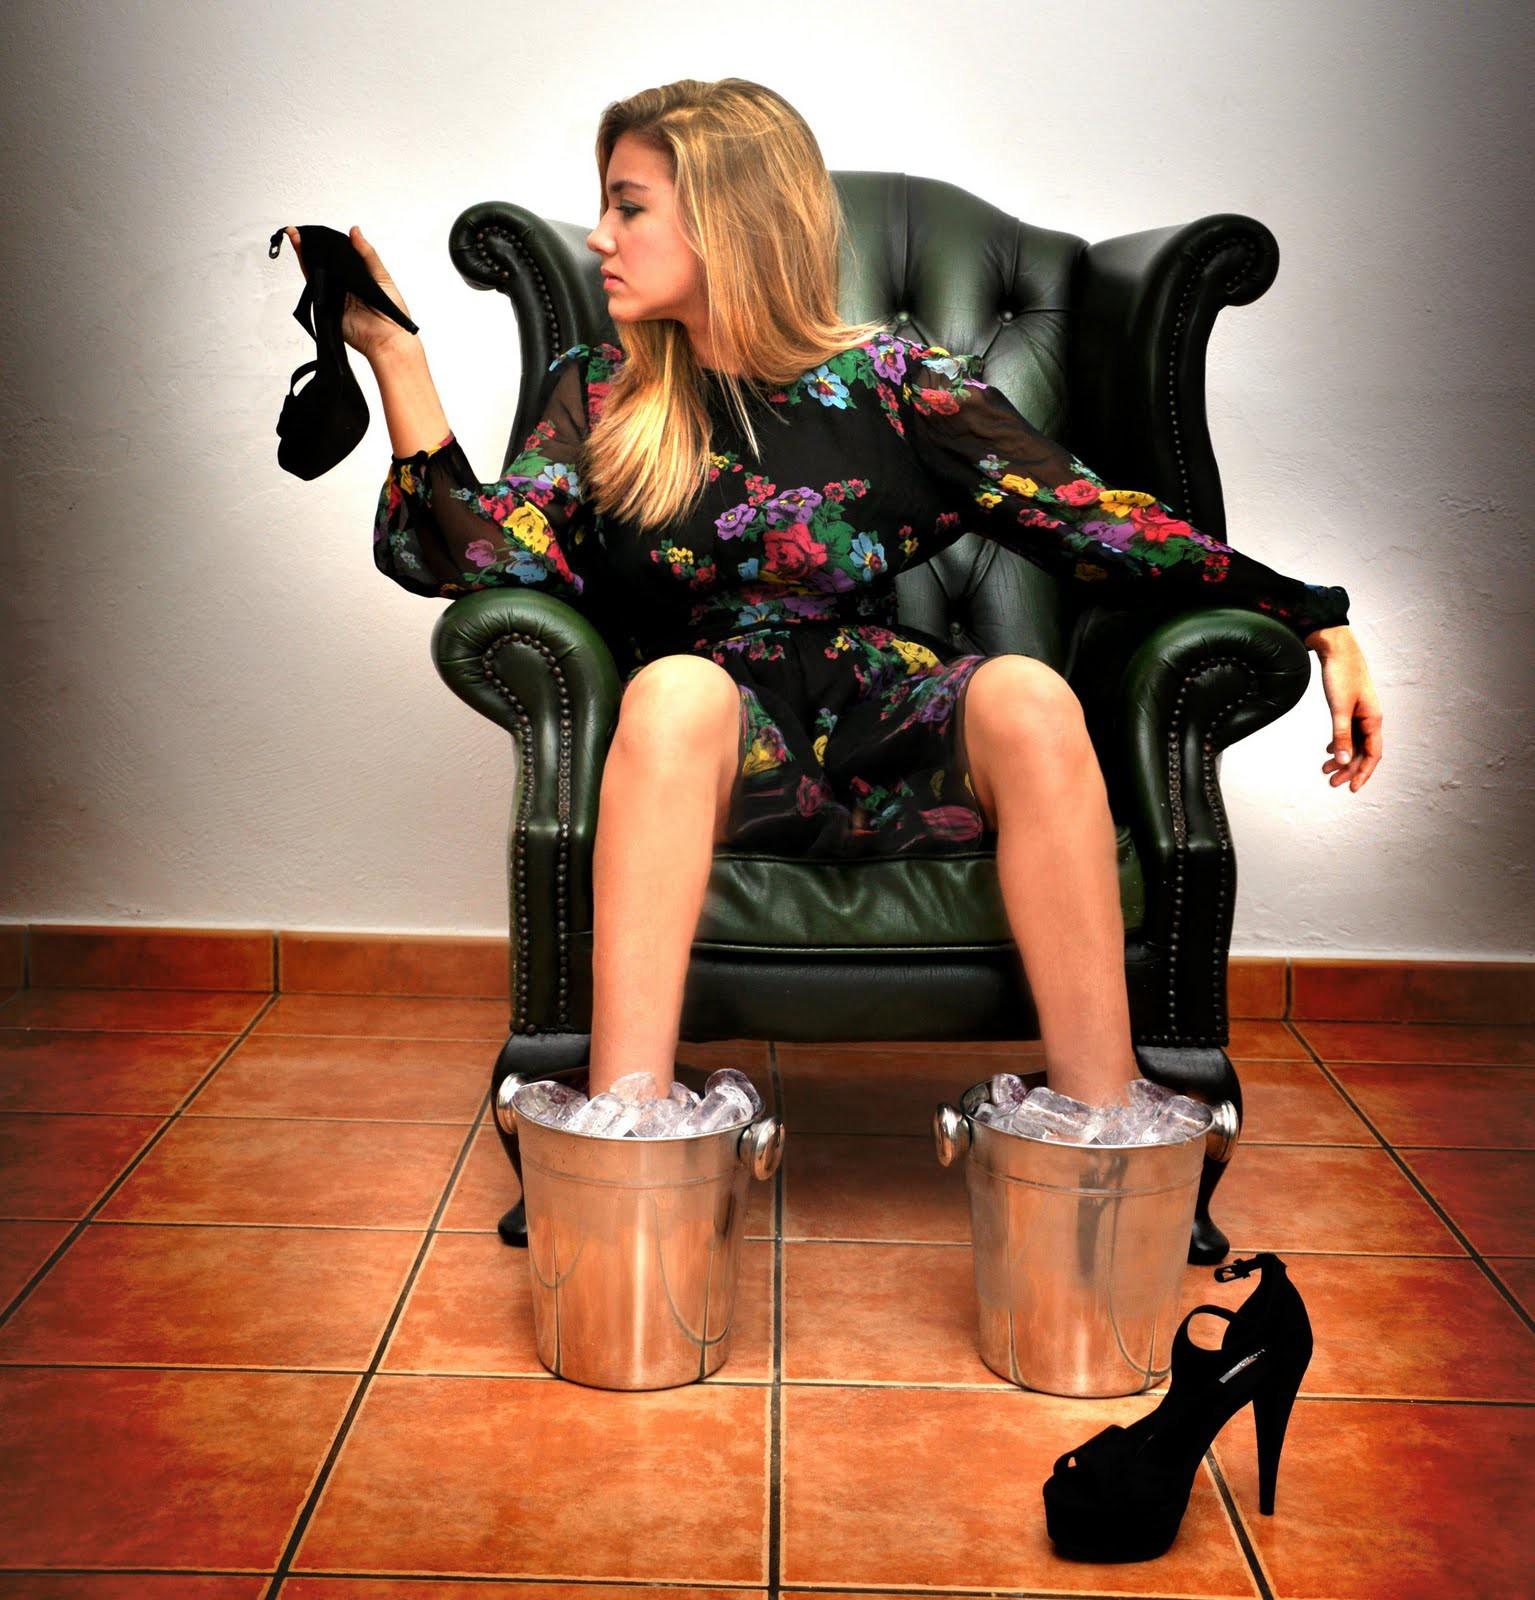 девушки на каблуках фото